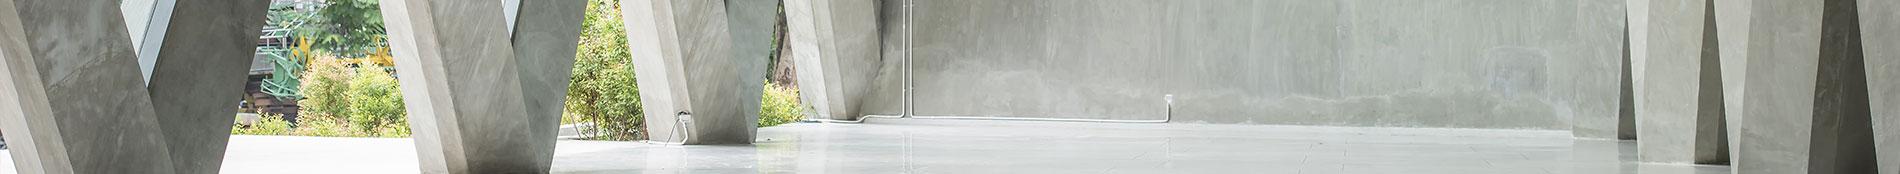 Architectural Concrete   Atlantic Concrete Contractors